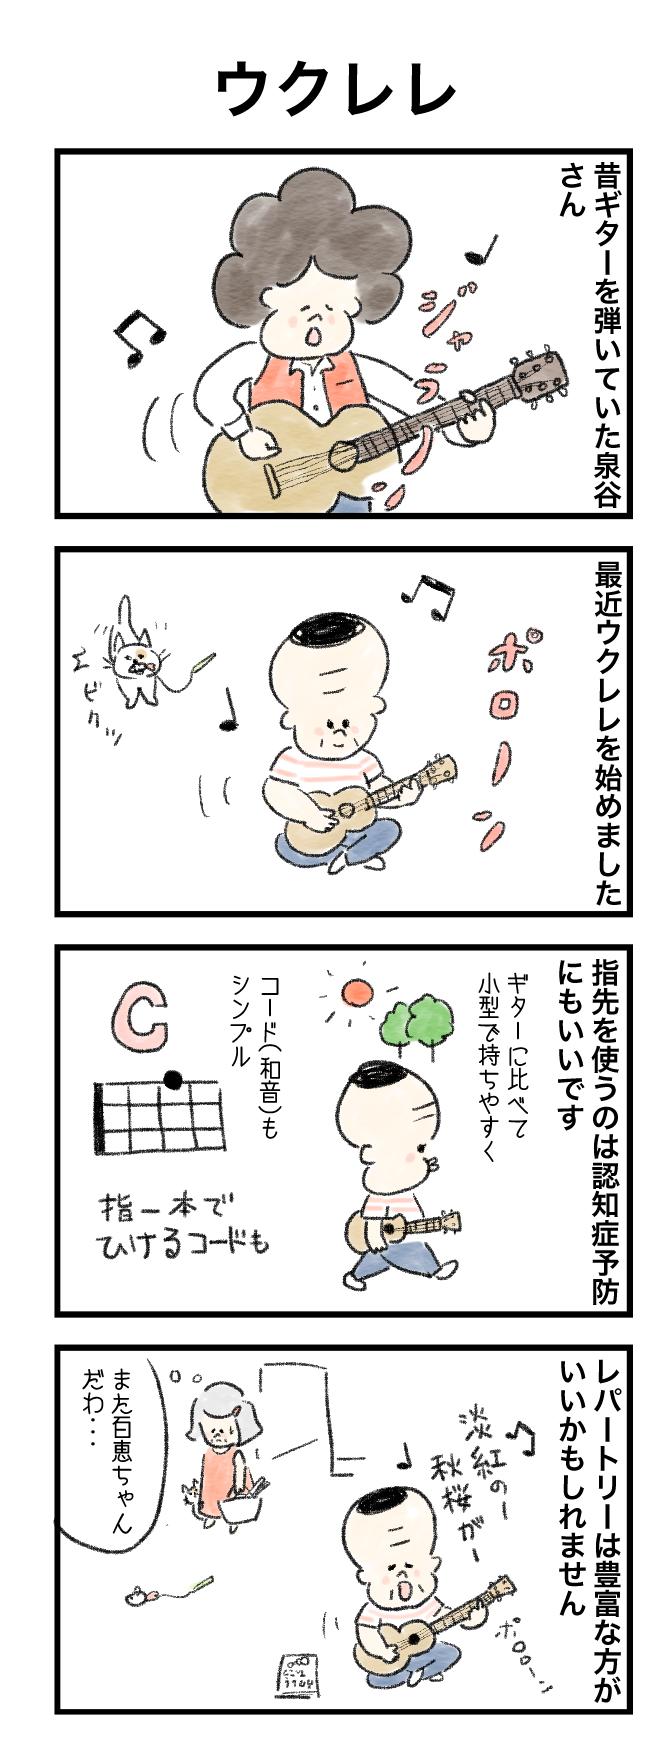 今日の泉谷さん【41】 作:カワサキヒロシ「ウクレレ」